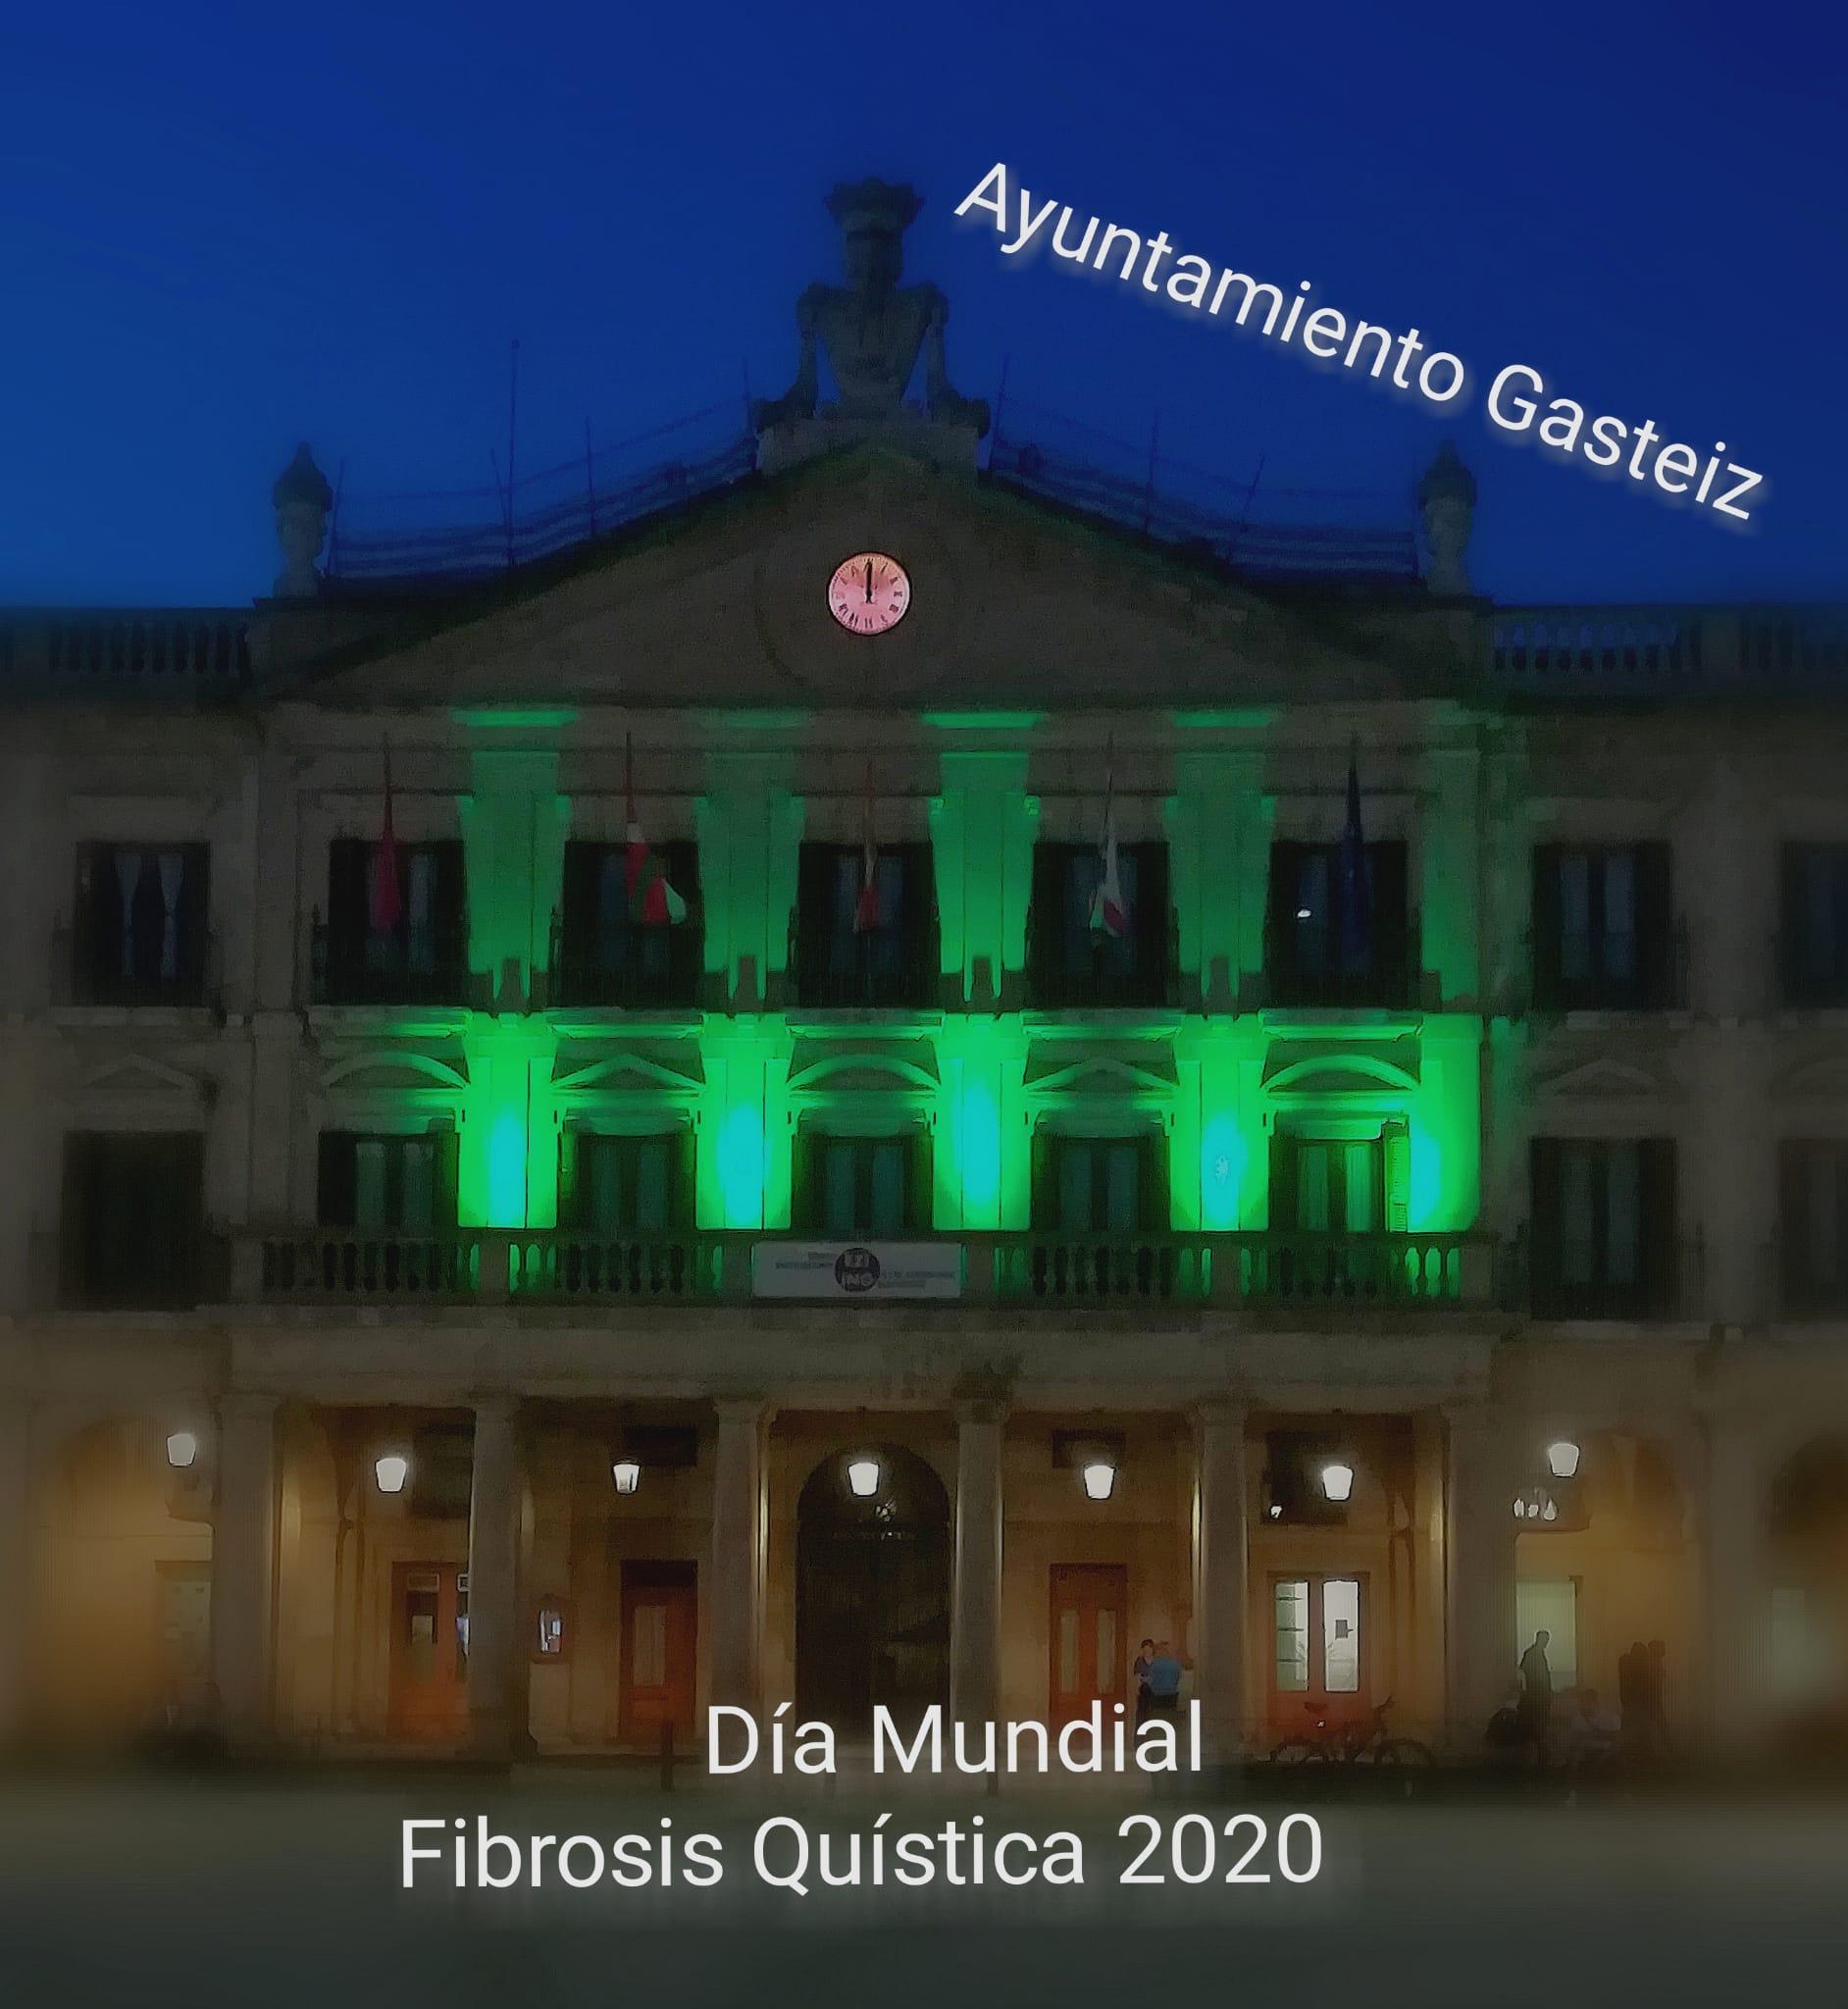 Iluminacion Ayuntamiento de Gasteiz